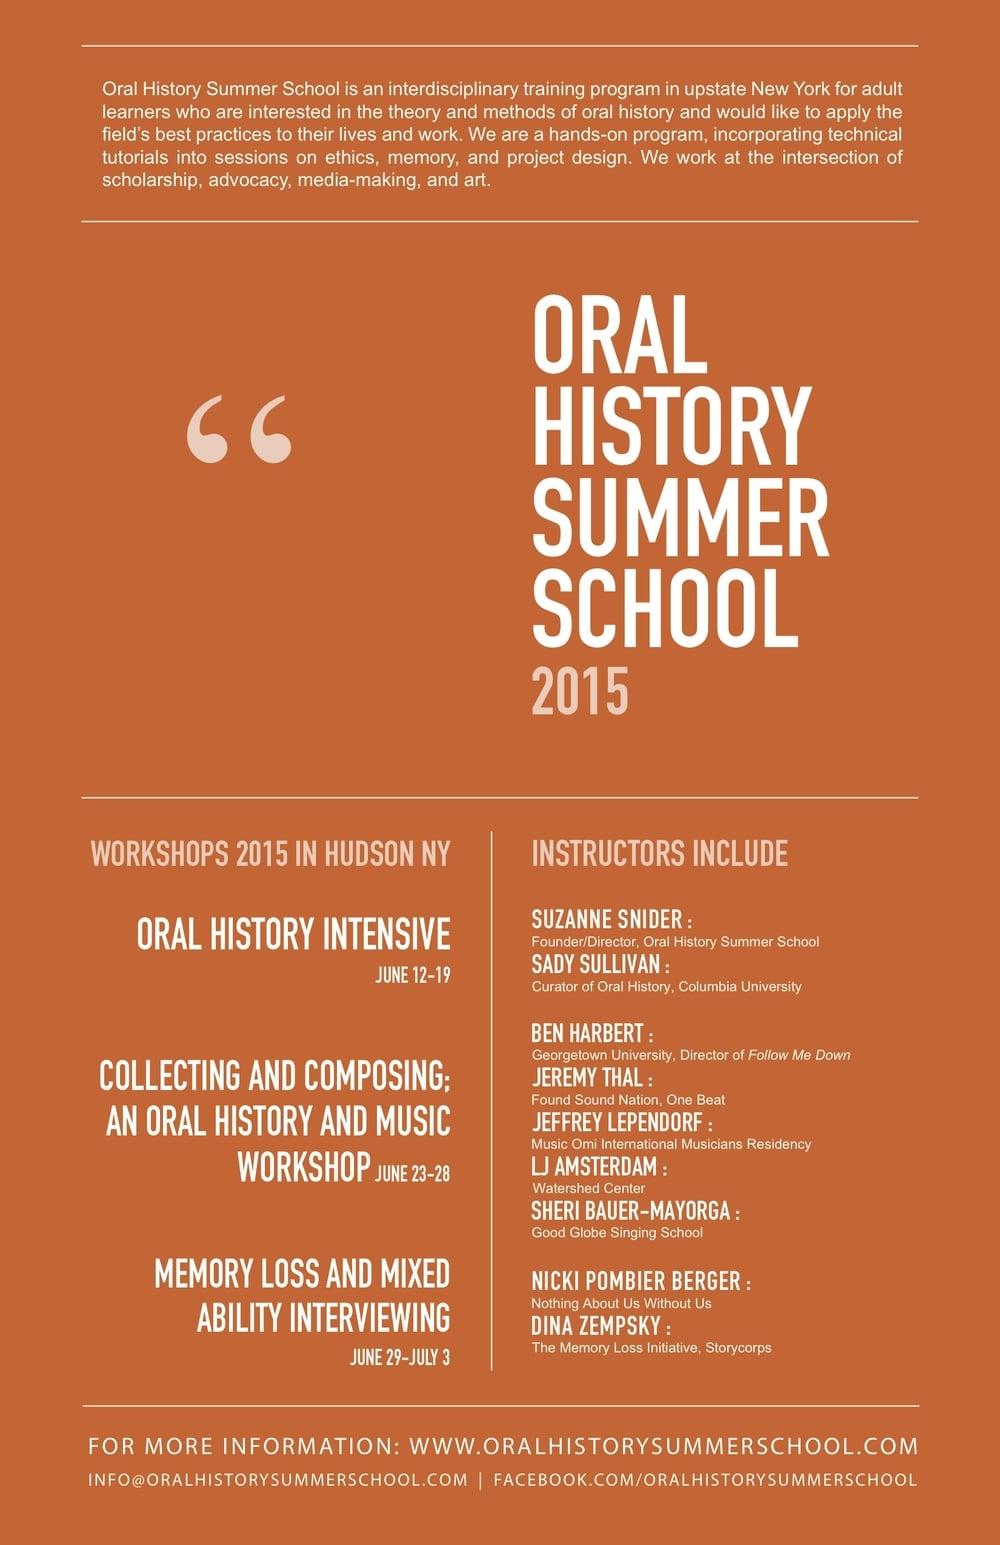 Oral History Summer School 2015